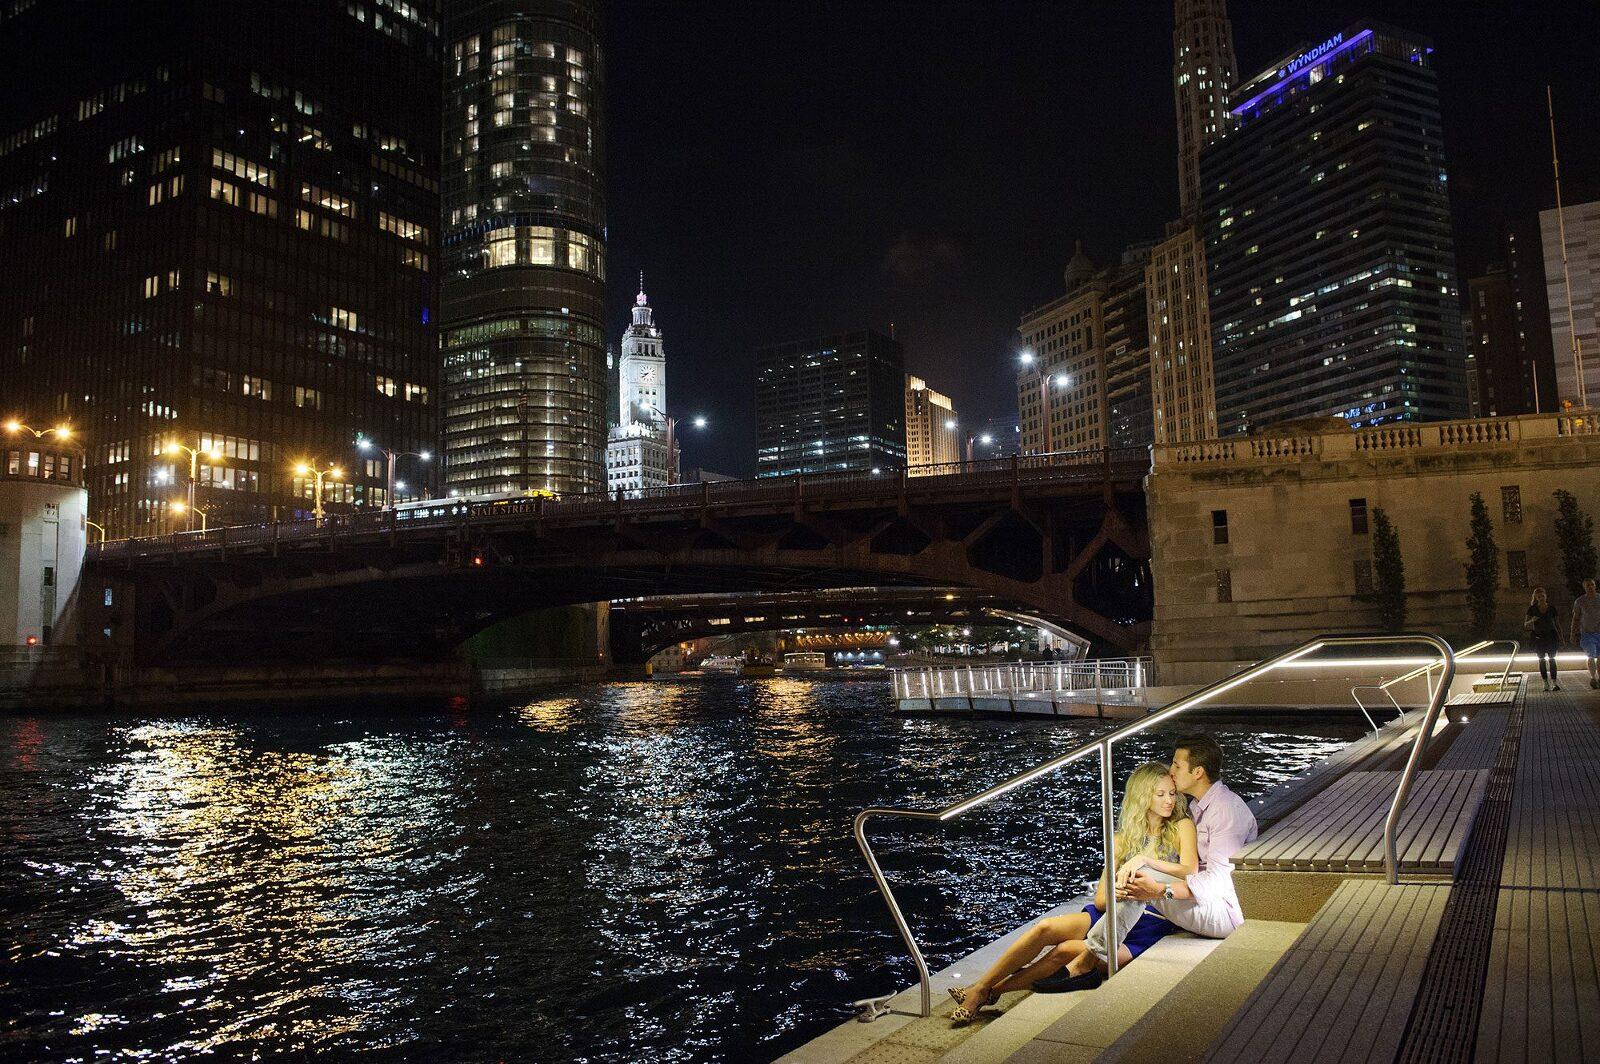 chicago riverwalk engagement photo night best spot location